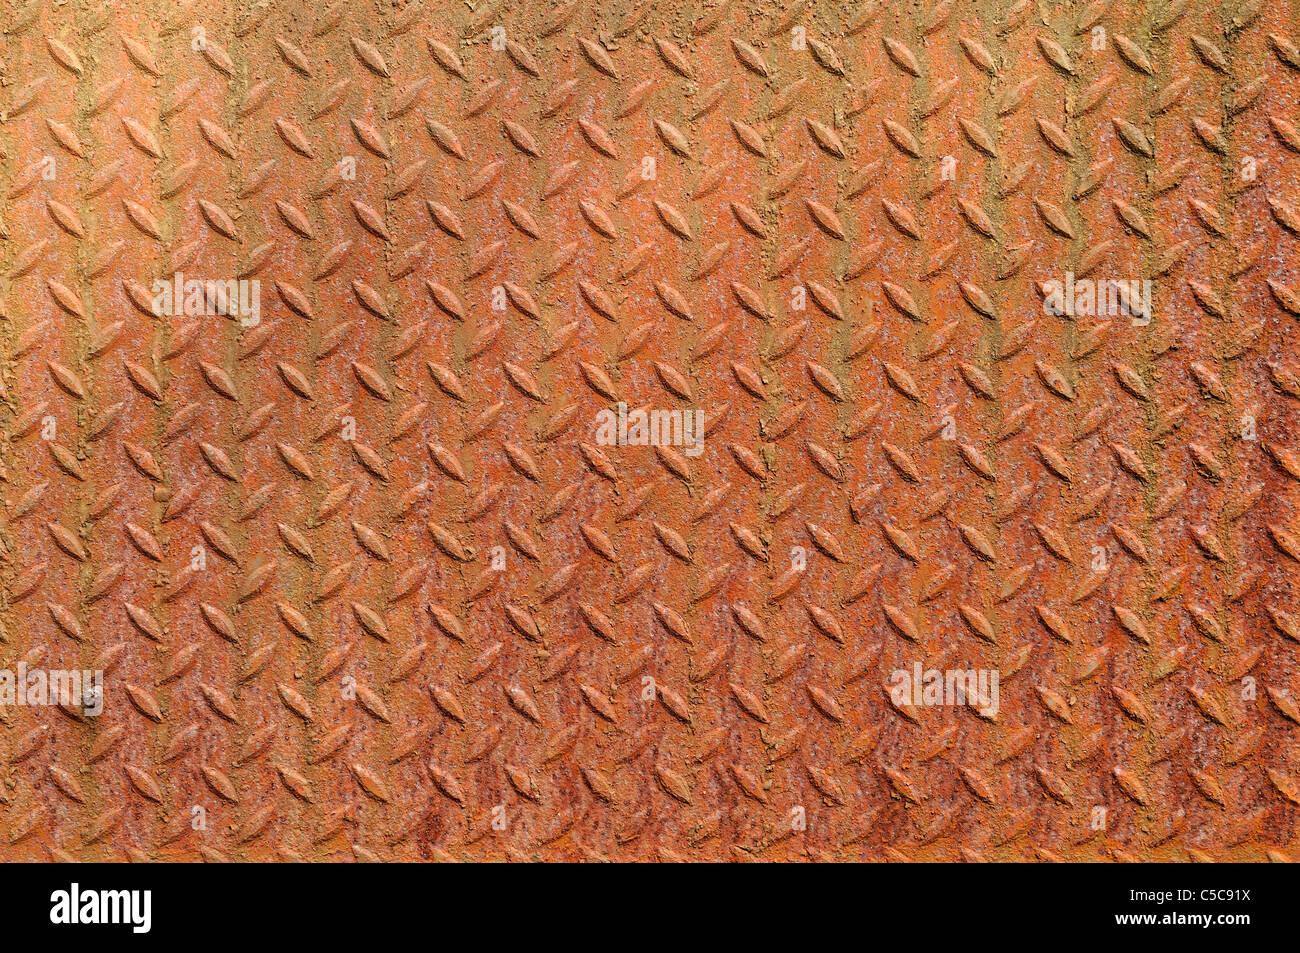 Struktur einer Grunge-Metal Diamant-Platte. Stockbild